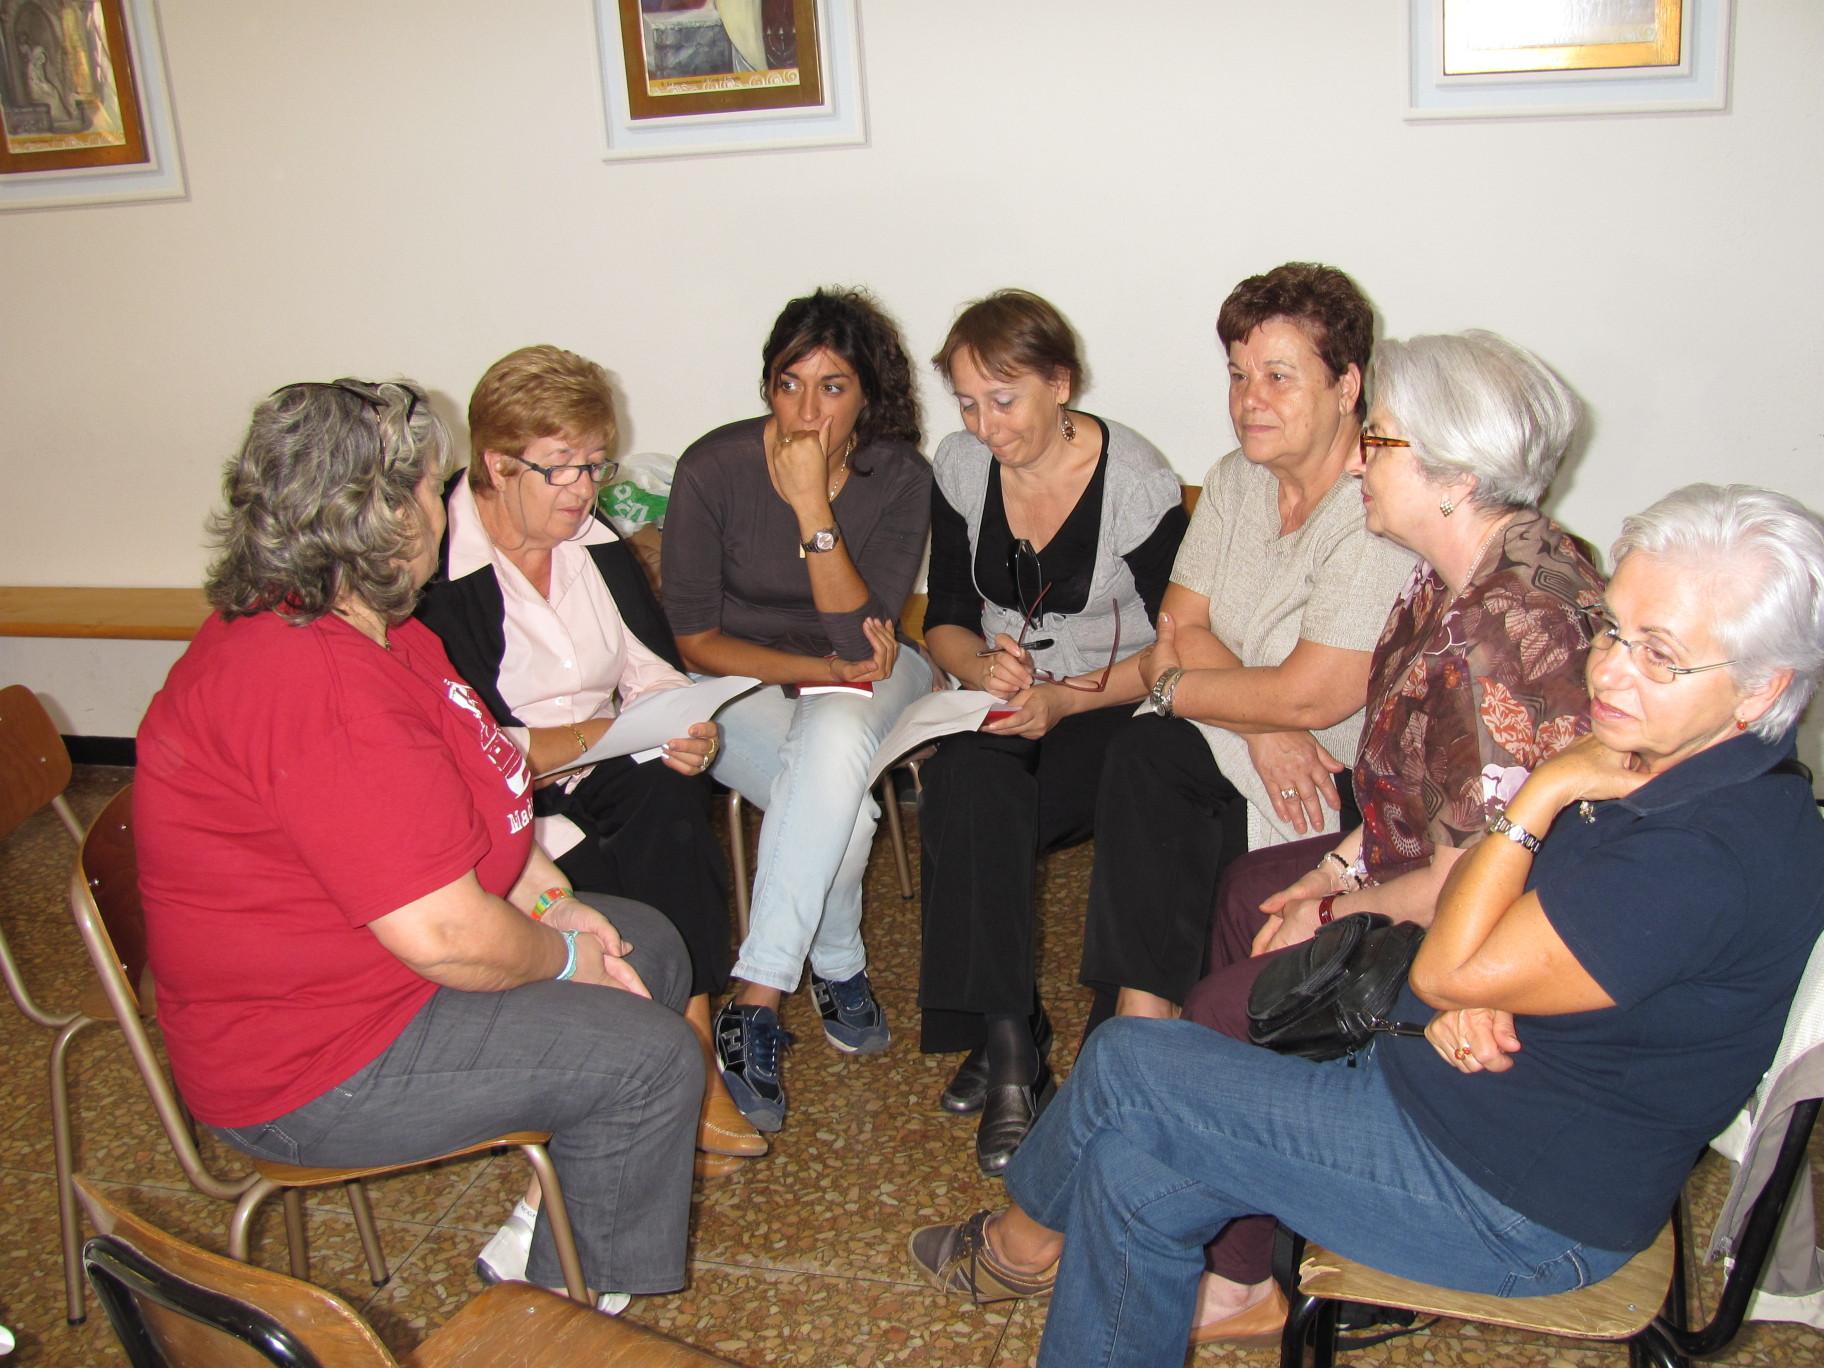 giornata_comunita_arenzano_2012-09-30-11-33-59